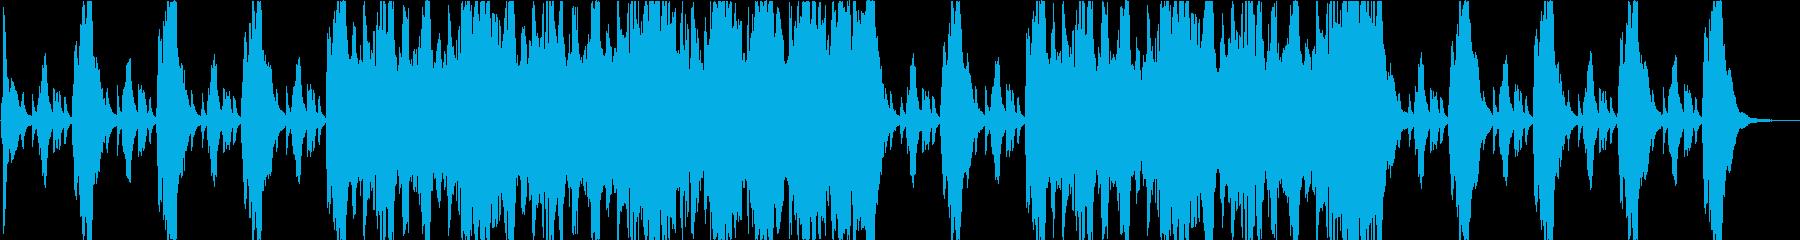 冒険の始まりBGM オーケストラ曲の再生済みの波形